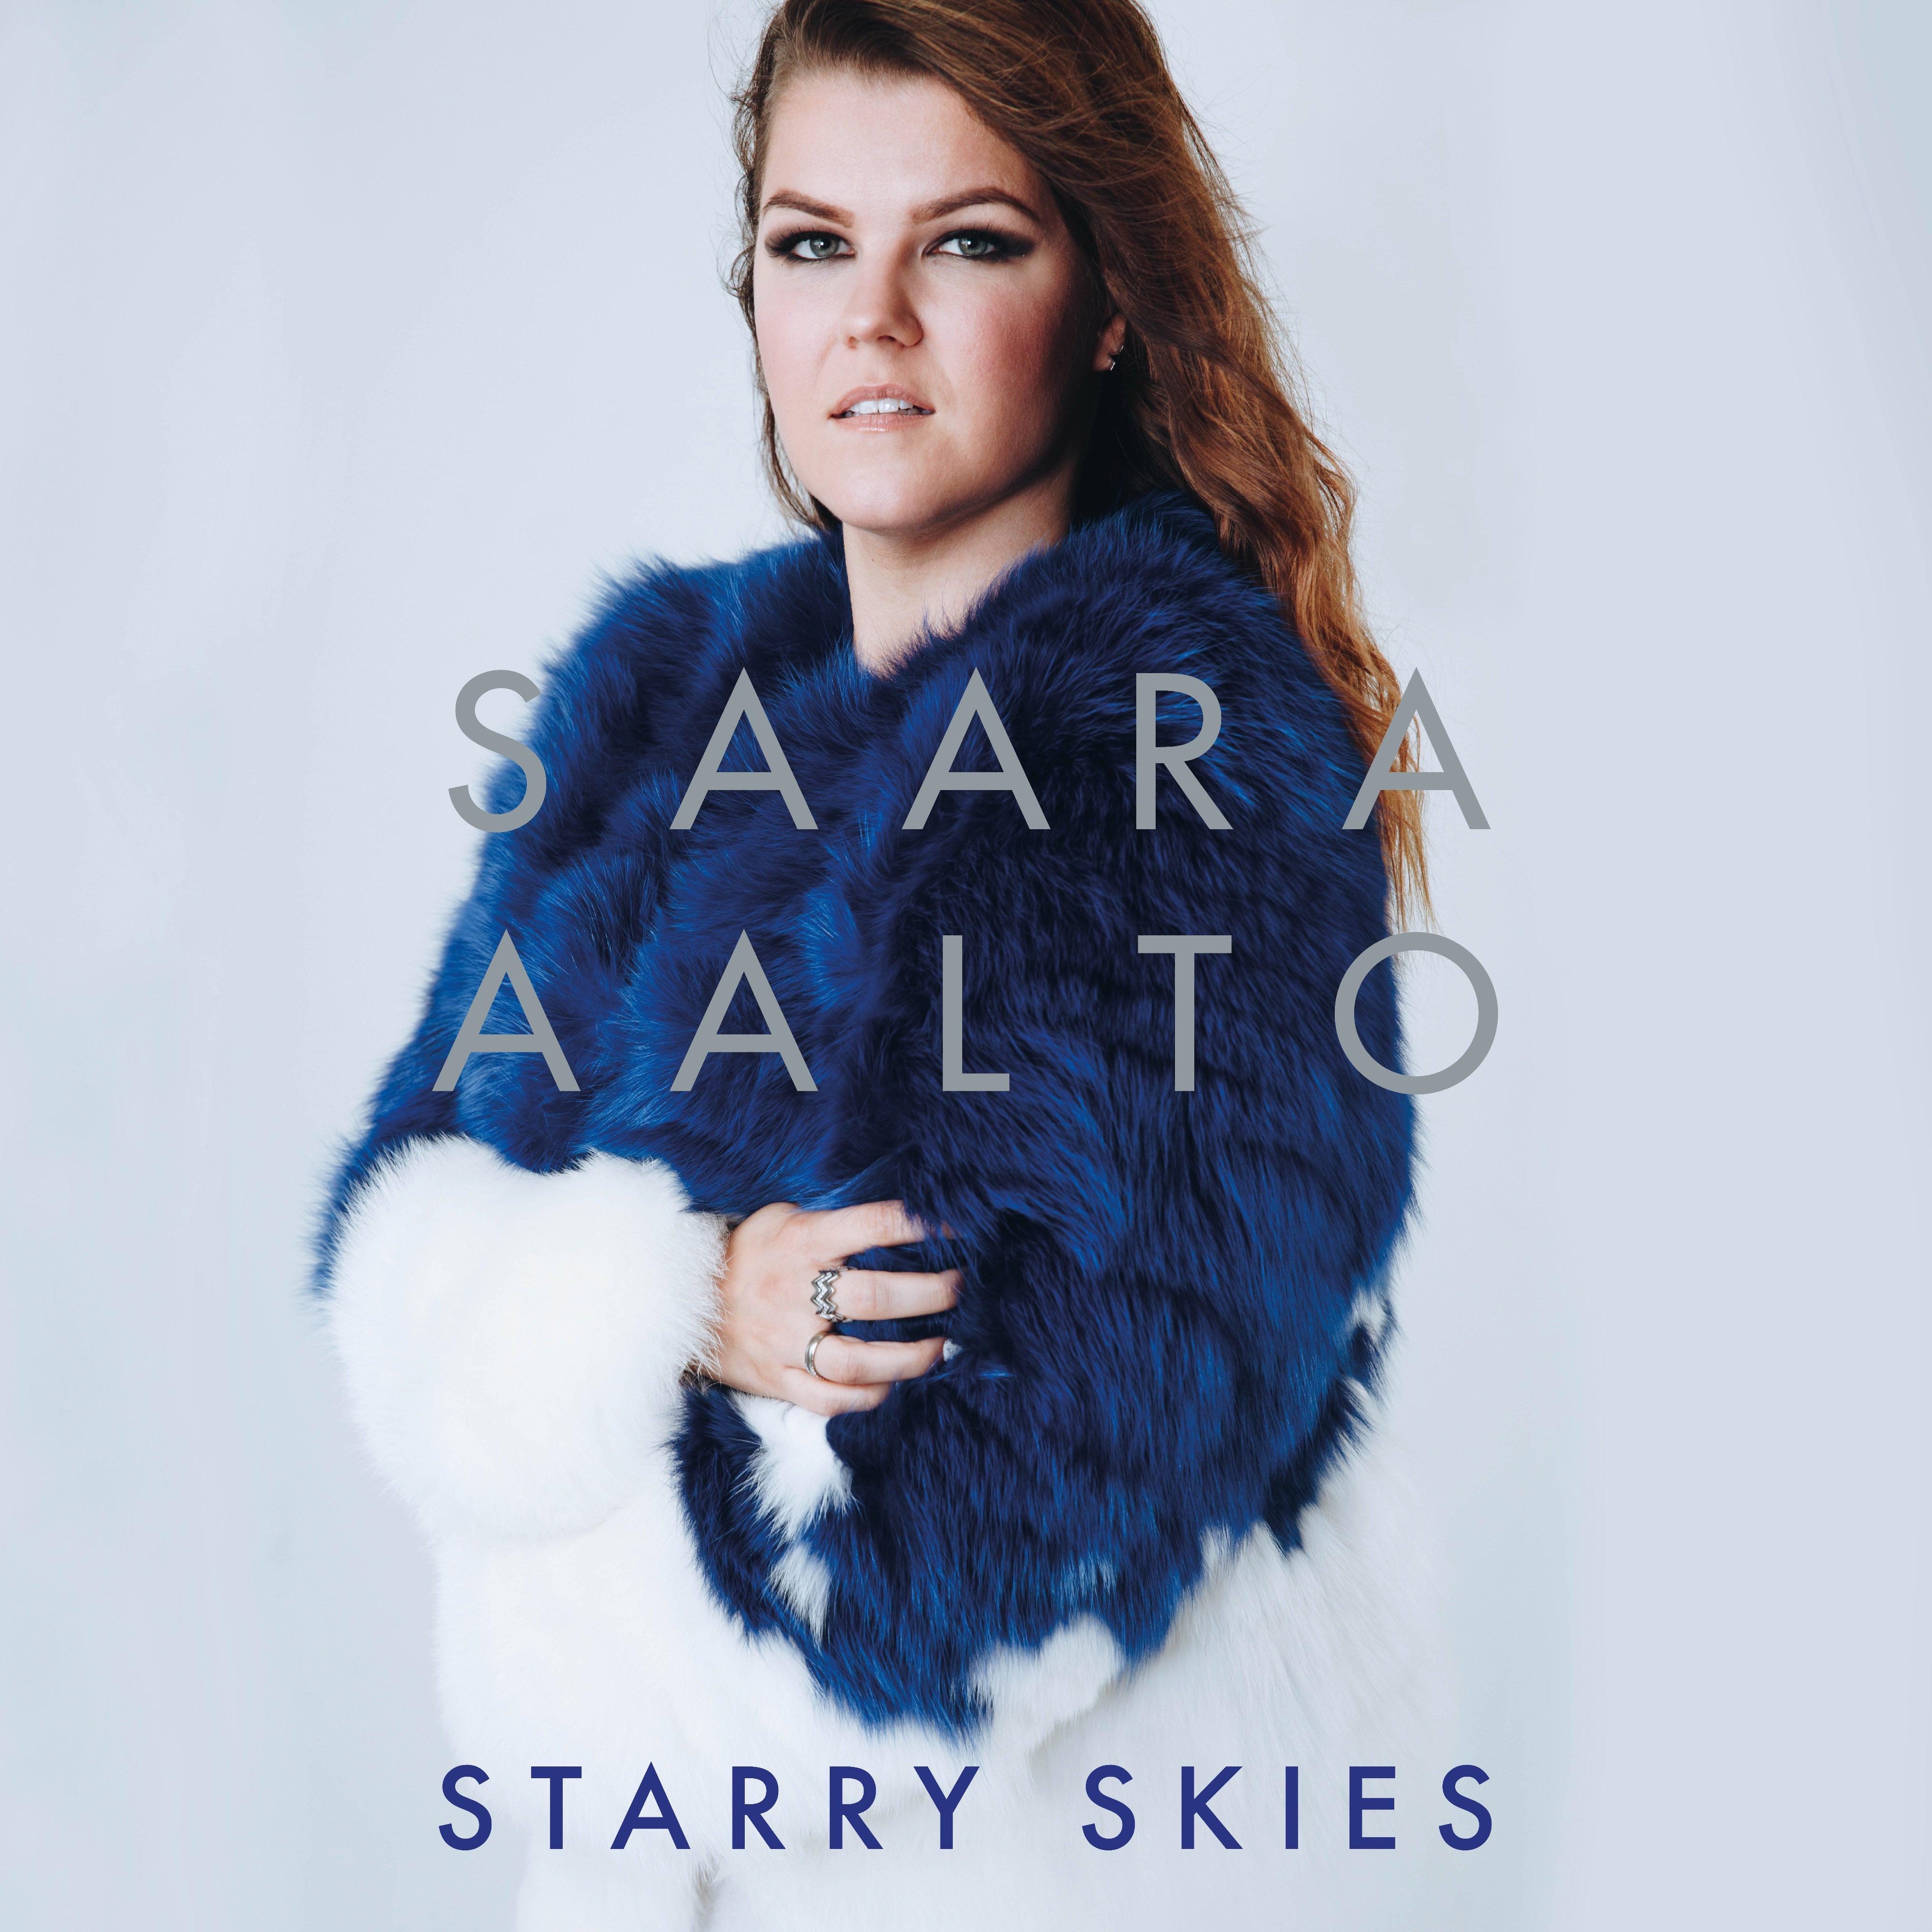 saara aalto new single)